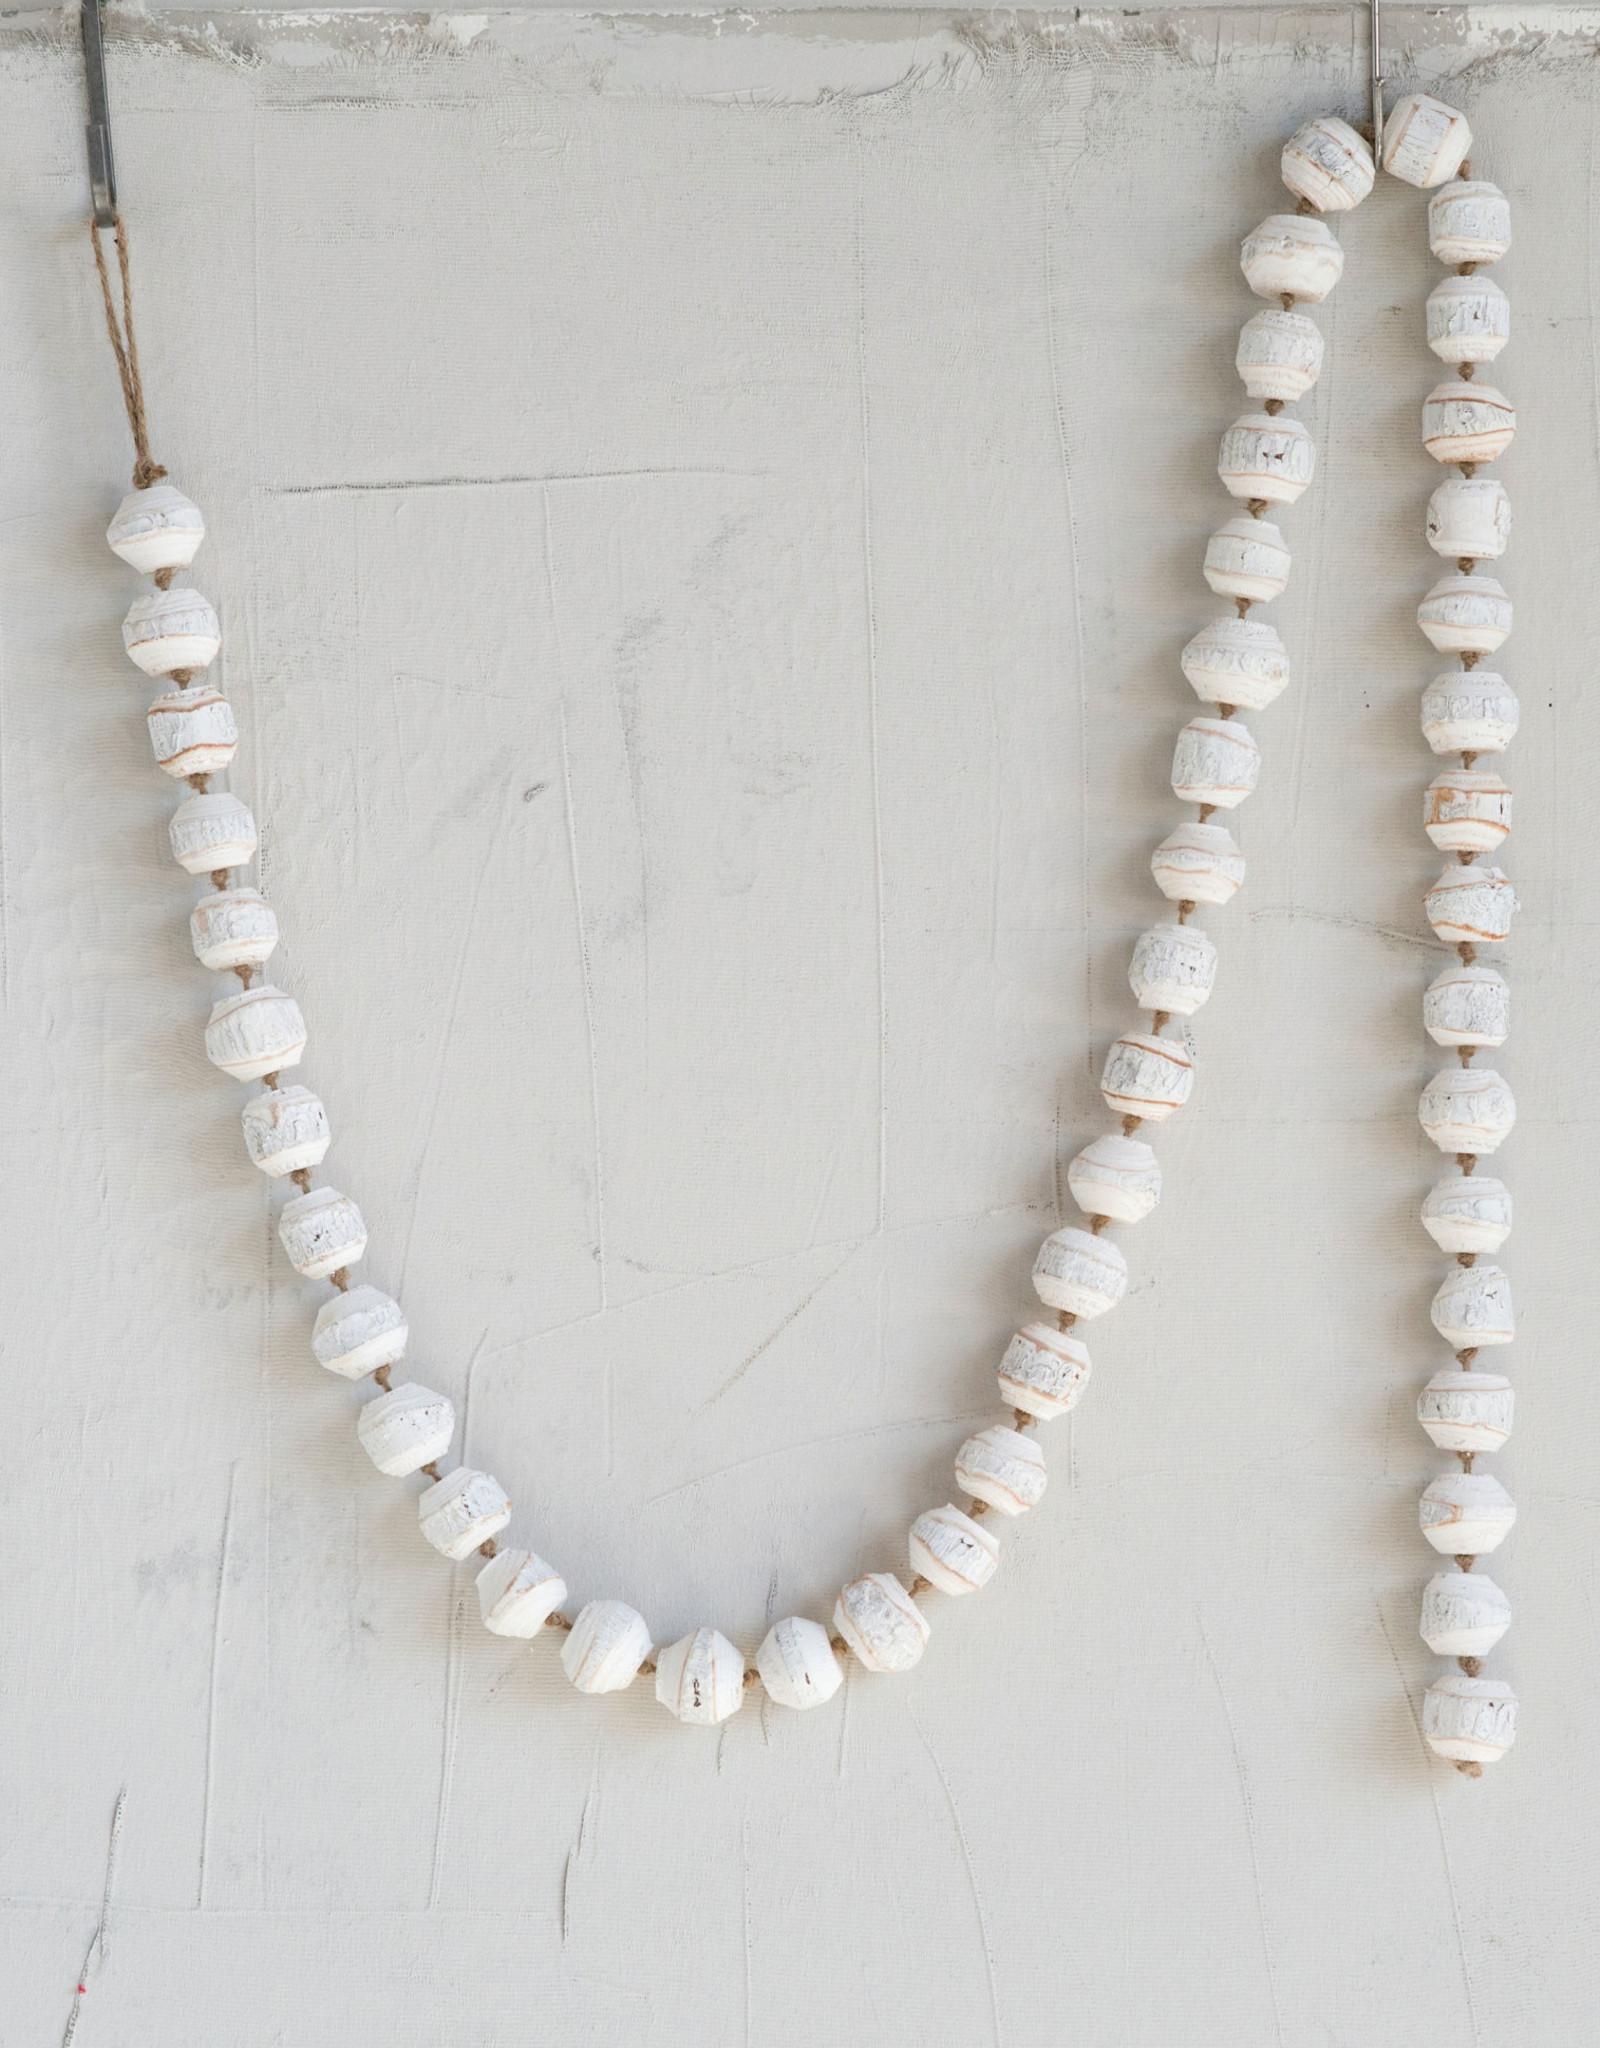 Wood Bead Garland - White